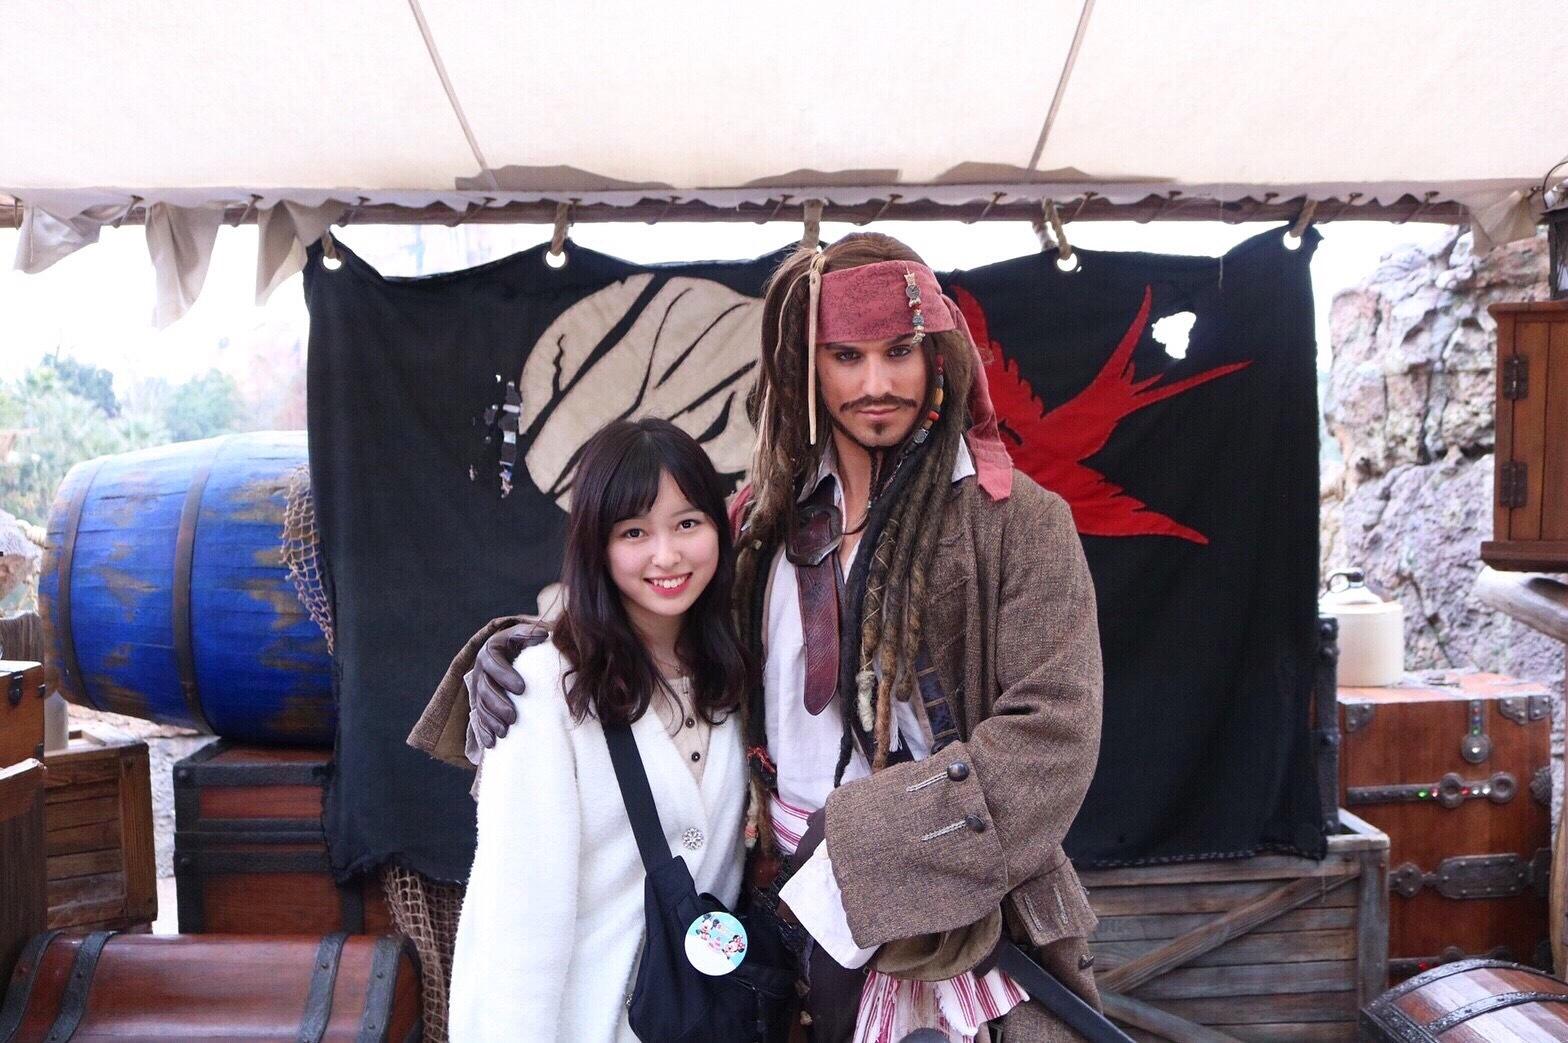 上海ディズニーランドで会えるキャラクターたちをご紹介します♡_1_6